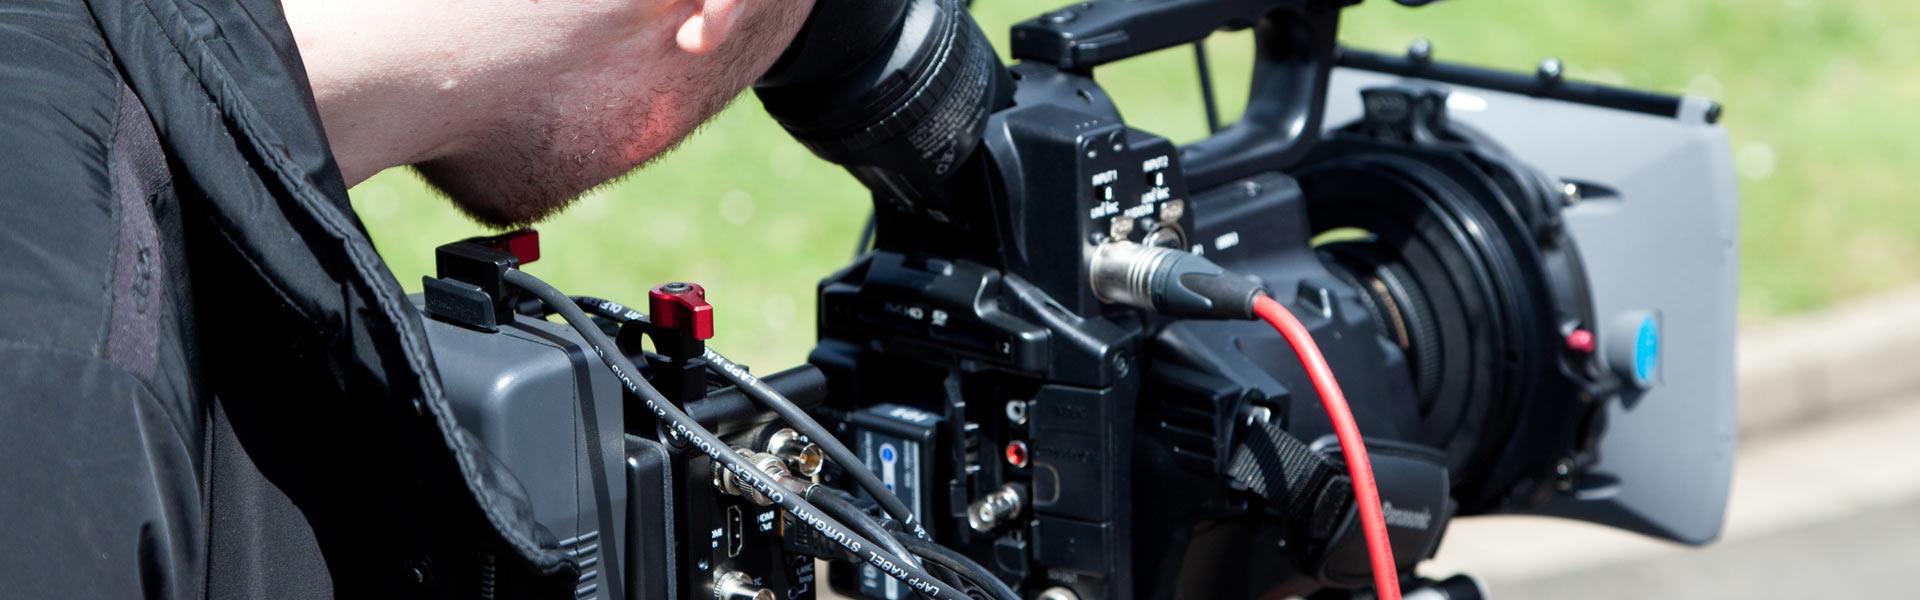 Buchen Sie Ihre Kamerateam bei Pionierfilm.